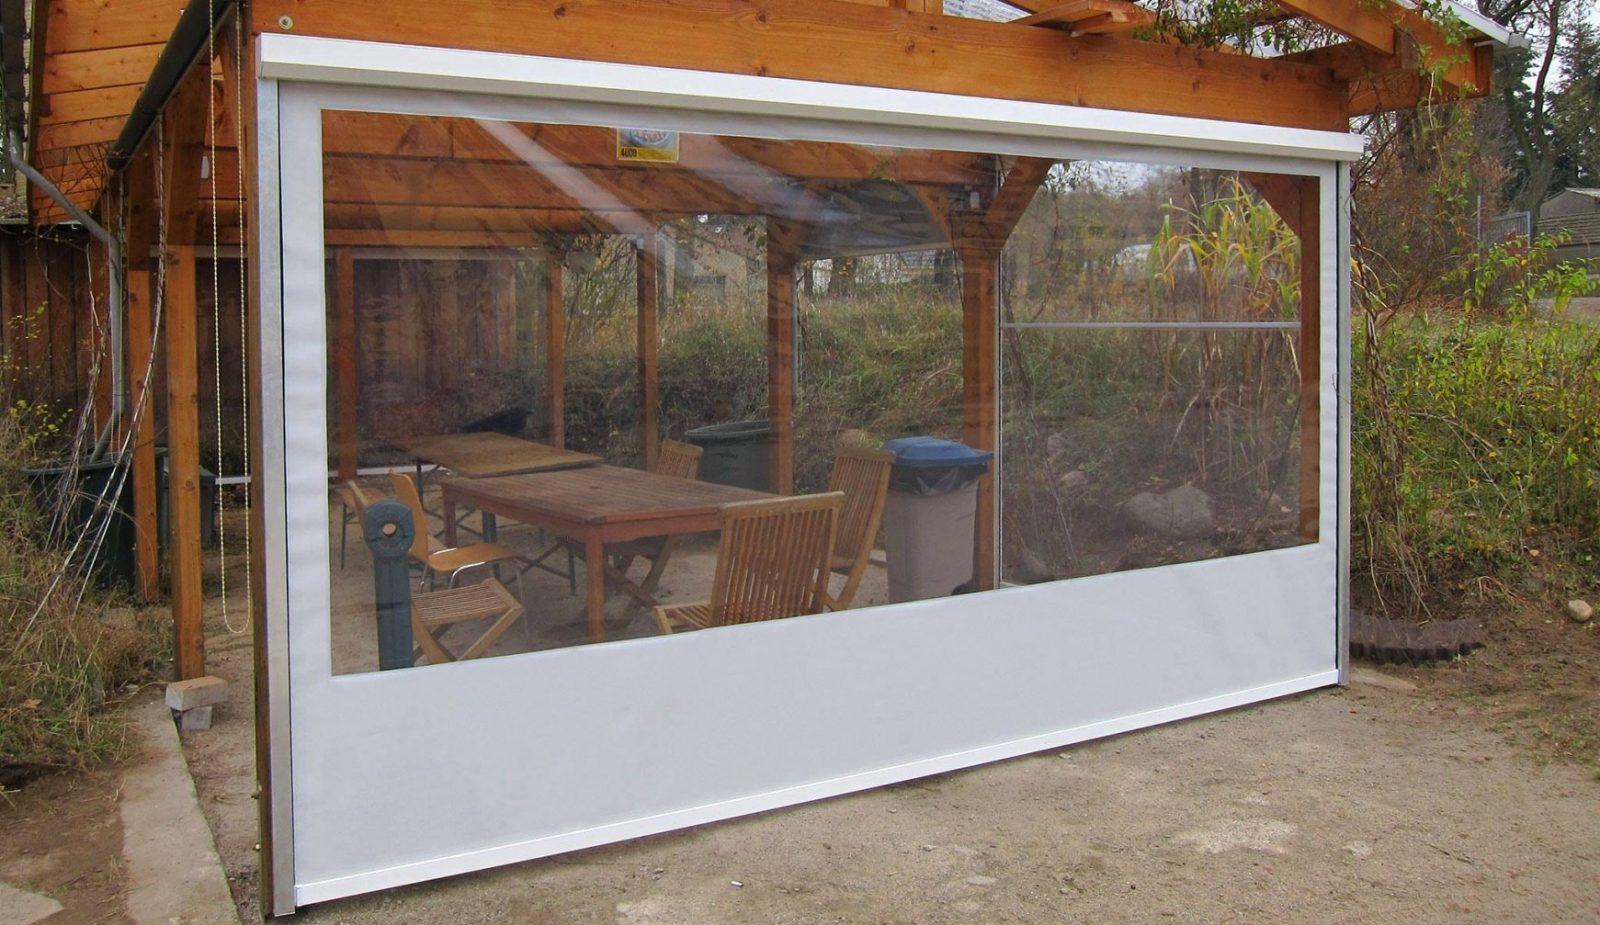 Intelligente Inspiration Regenschutz Terrasse Selber Bauen Und Von von Regenschutz Terrasse Selber Bauen Photo